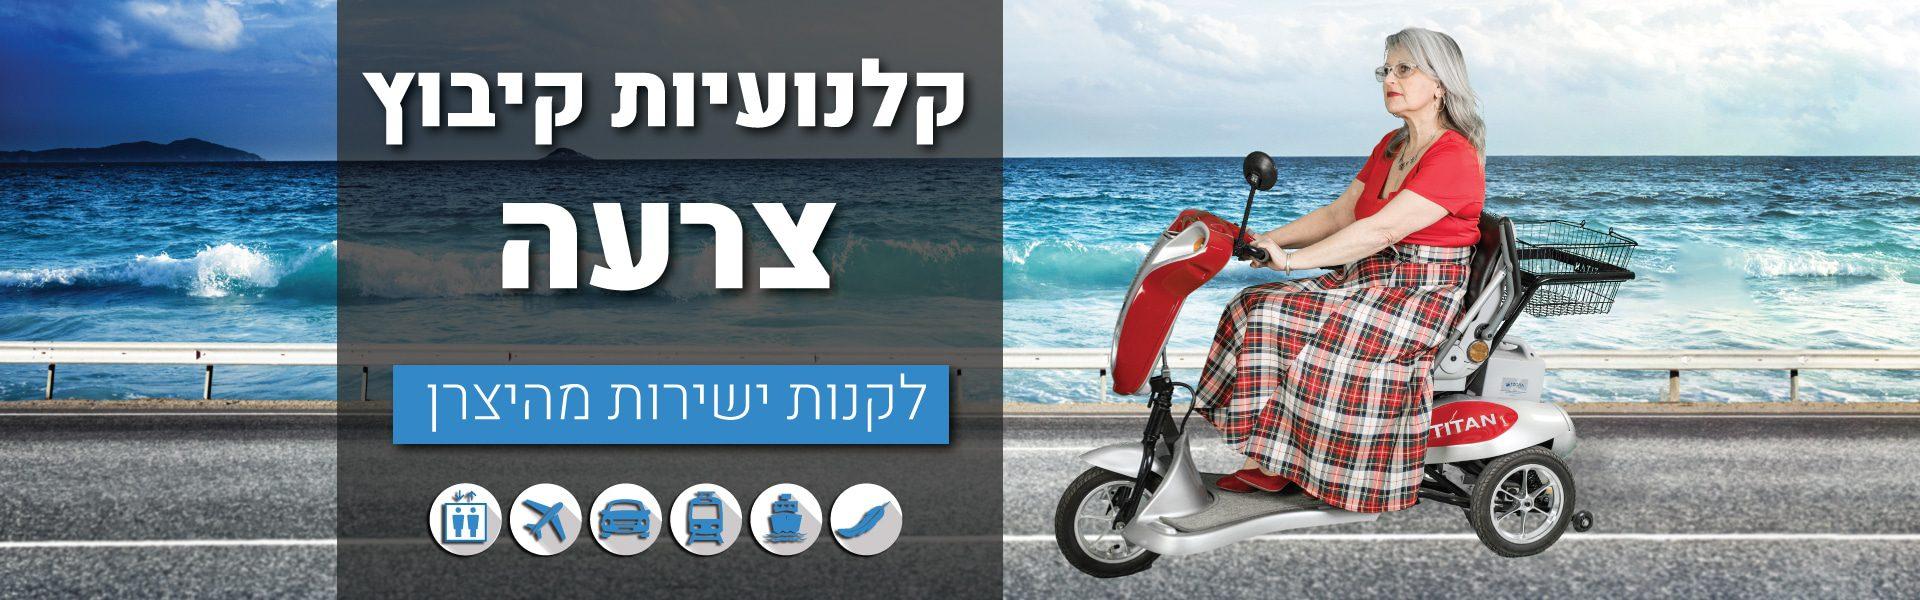 קלנועיות קיבוץ צרעה דף בית טיטן 4 בים